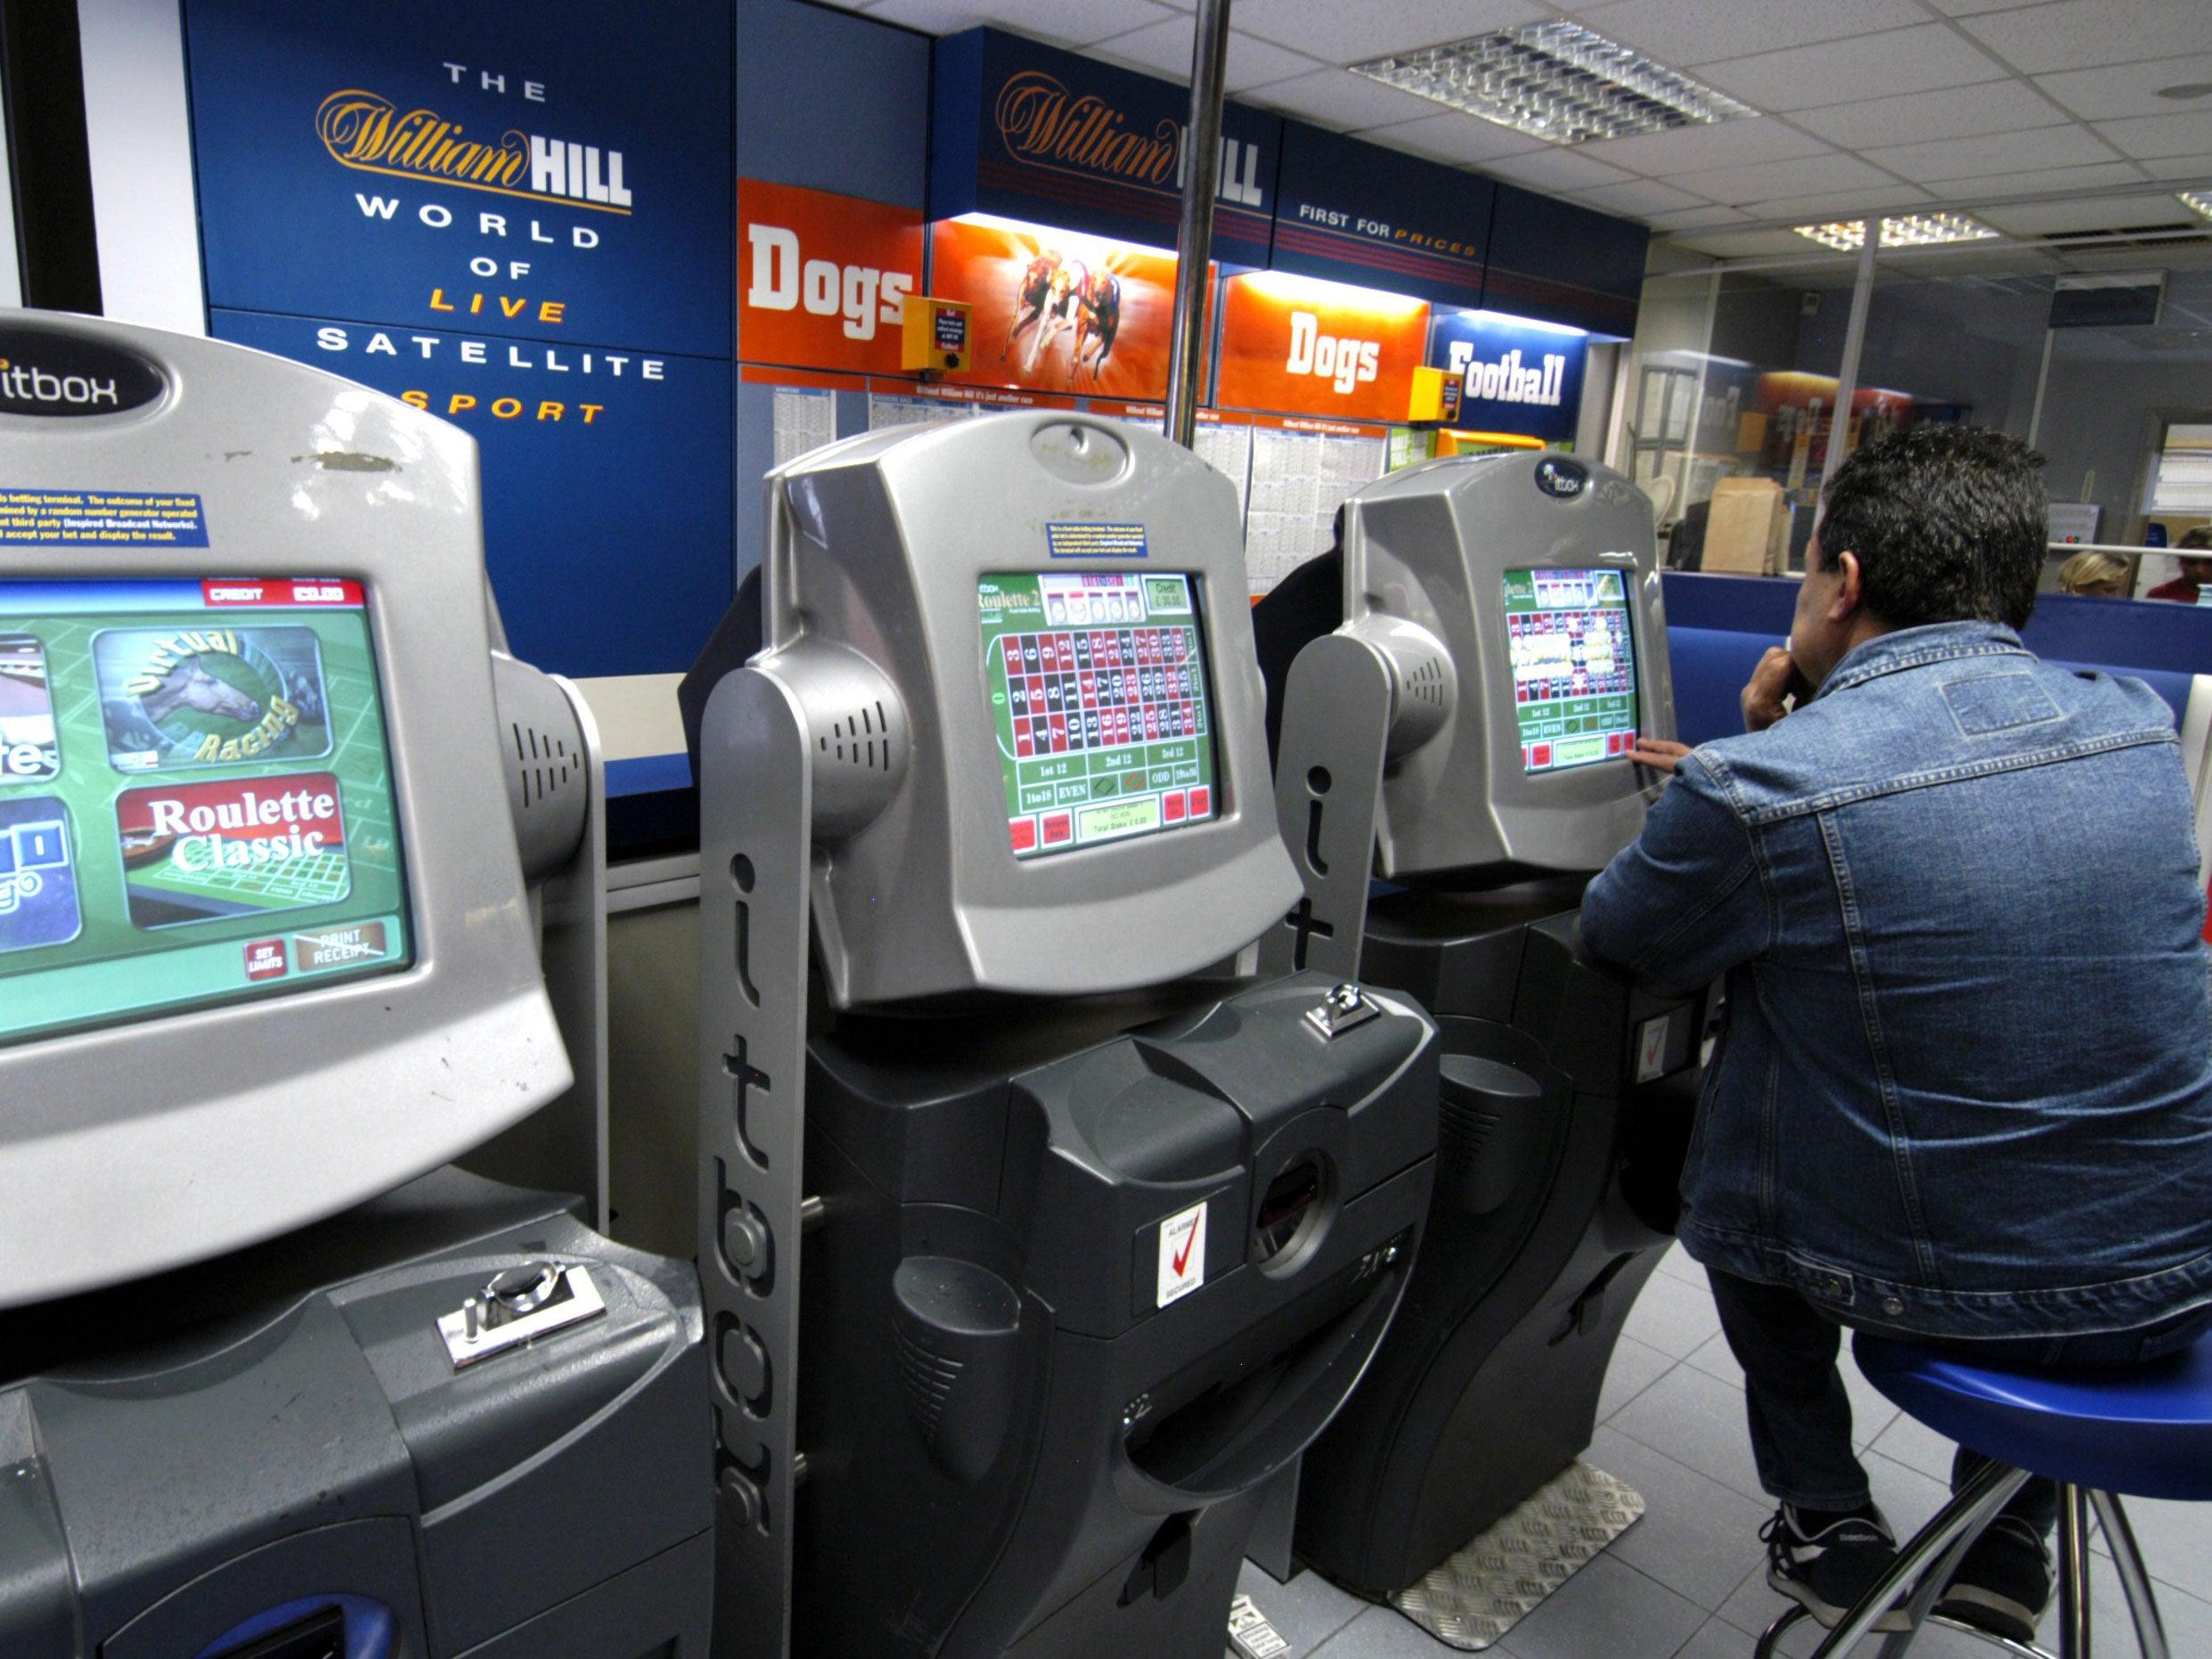 William hill online figures einstein roulette system